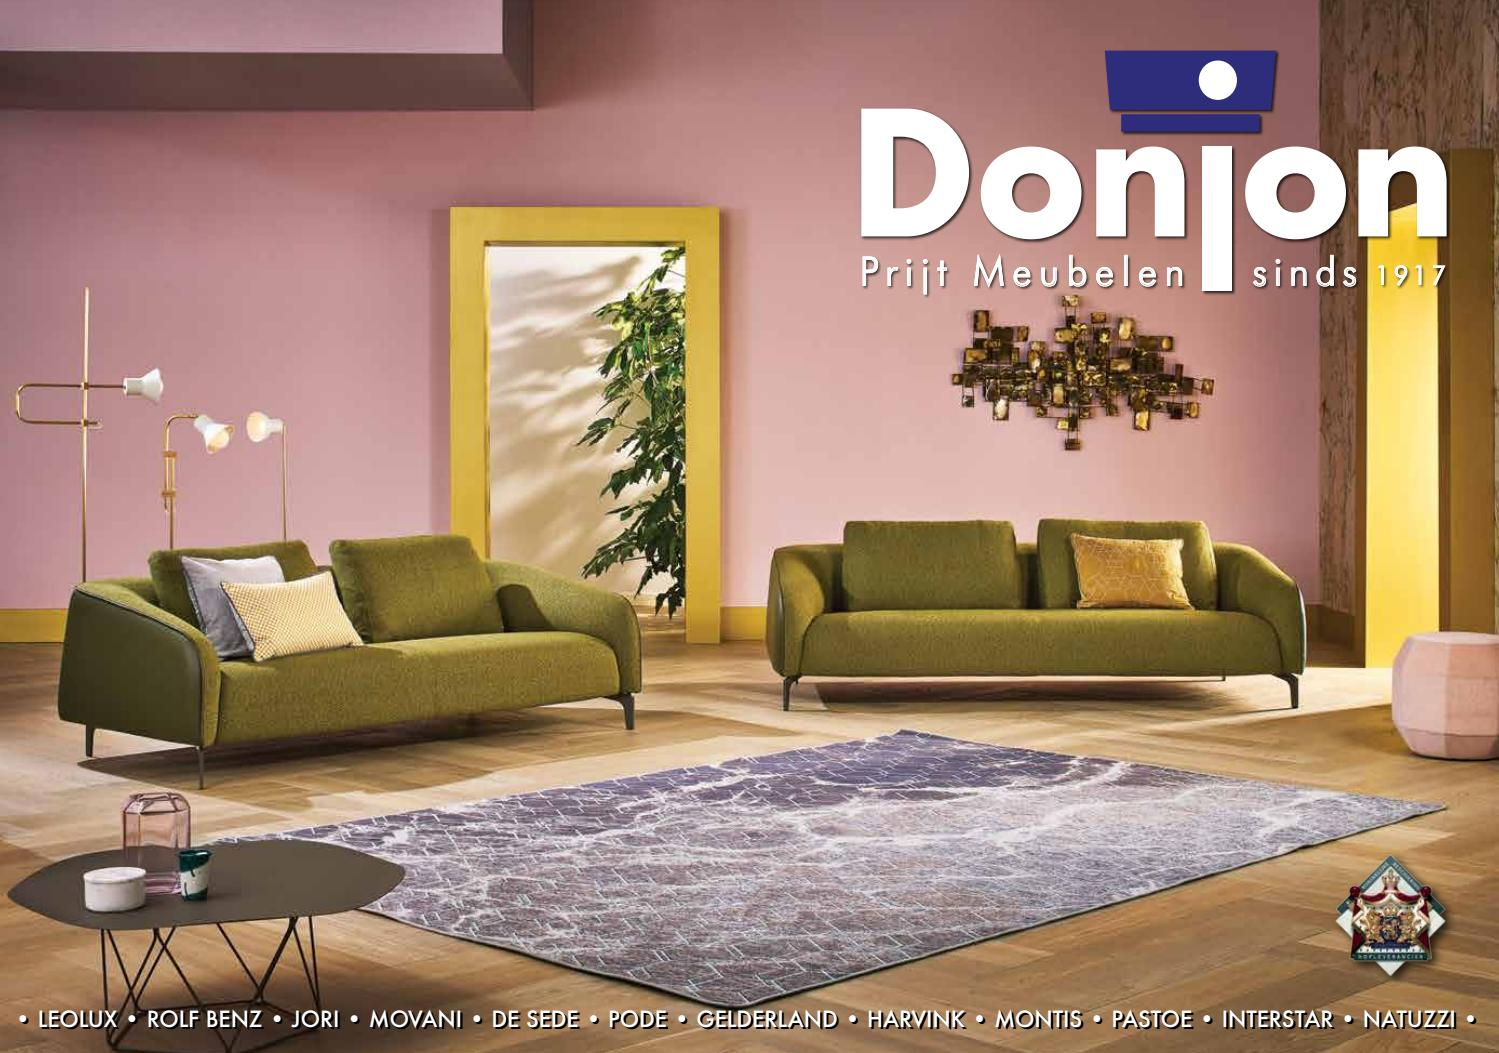 Nonchalant Klassieke Woninginrichting : Donjon meubelen collectieboek 2018 2019 by de donjon issuu